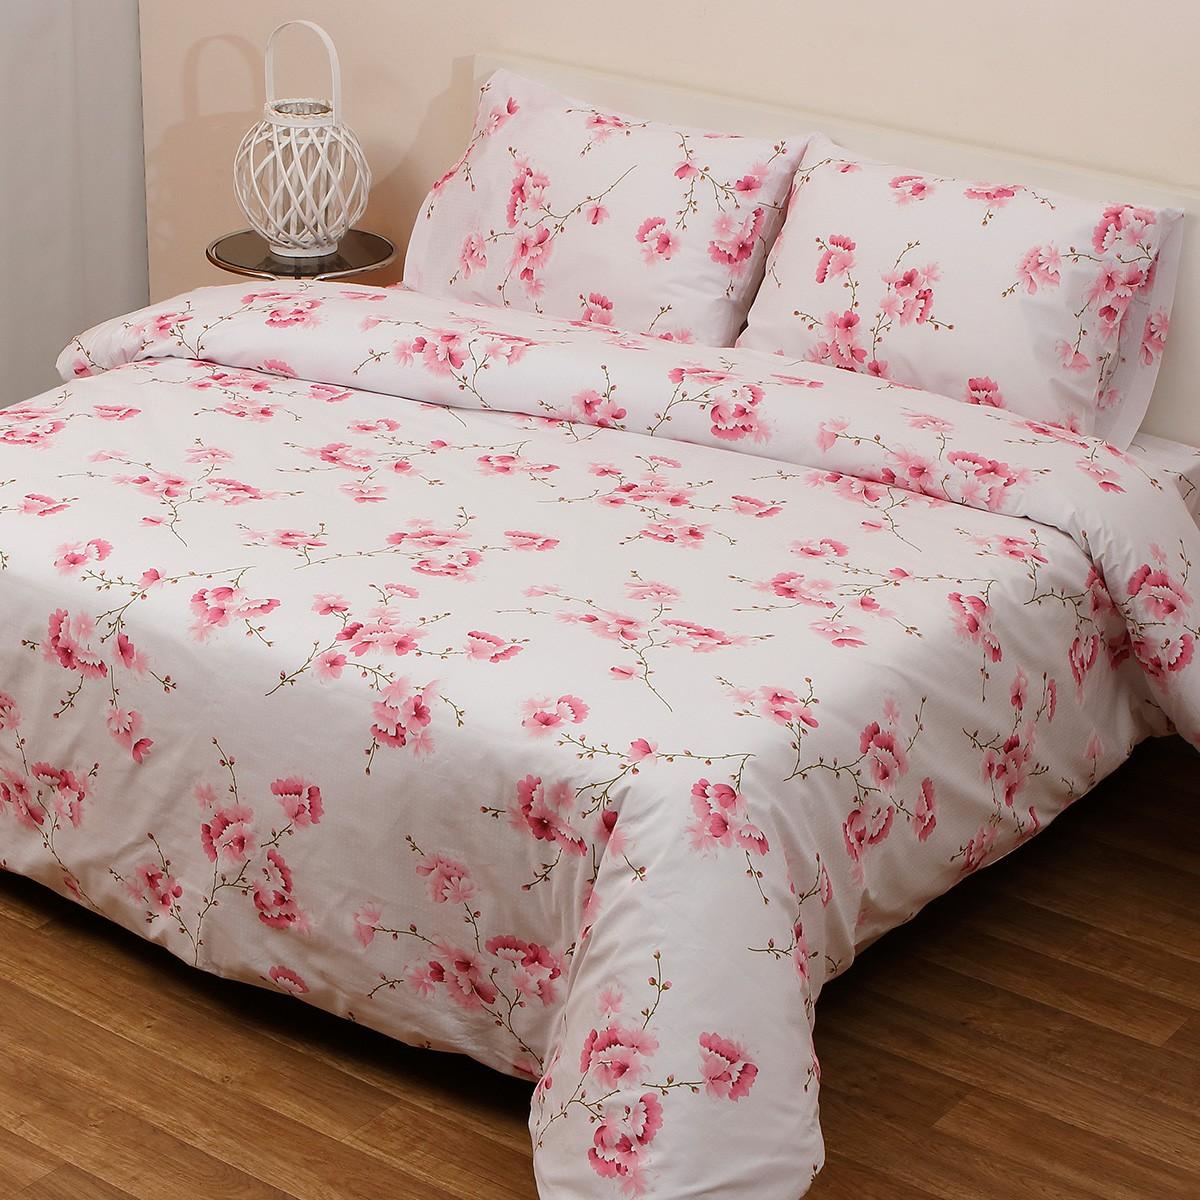 Κουβερλί Υπέρδιπλο (Σετ) Viopros Fresh Άλισον home   κρεβατοκάμαρα   κουβερλί   κουβερλί υπέρδιπλα